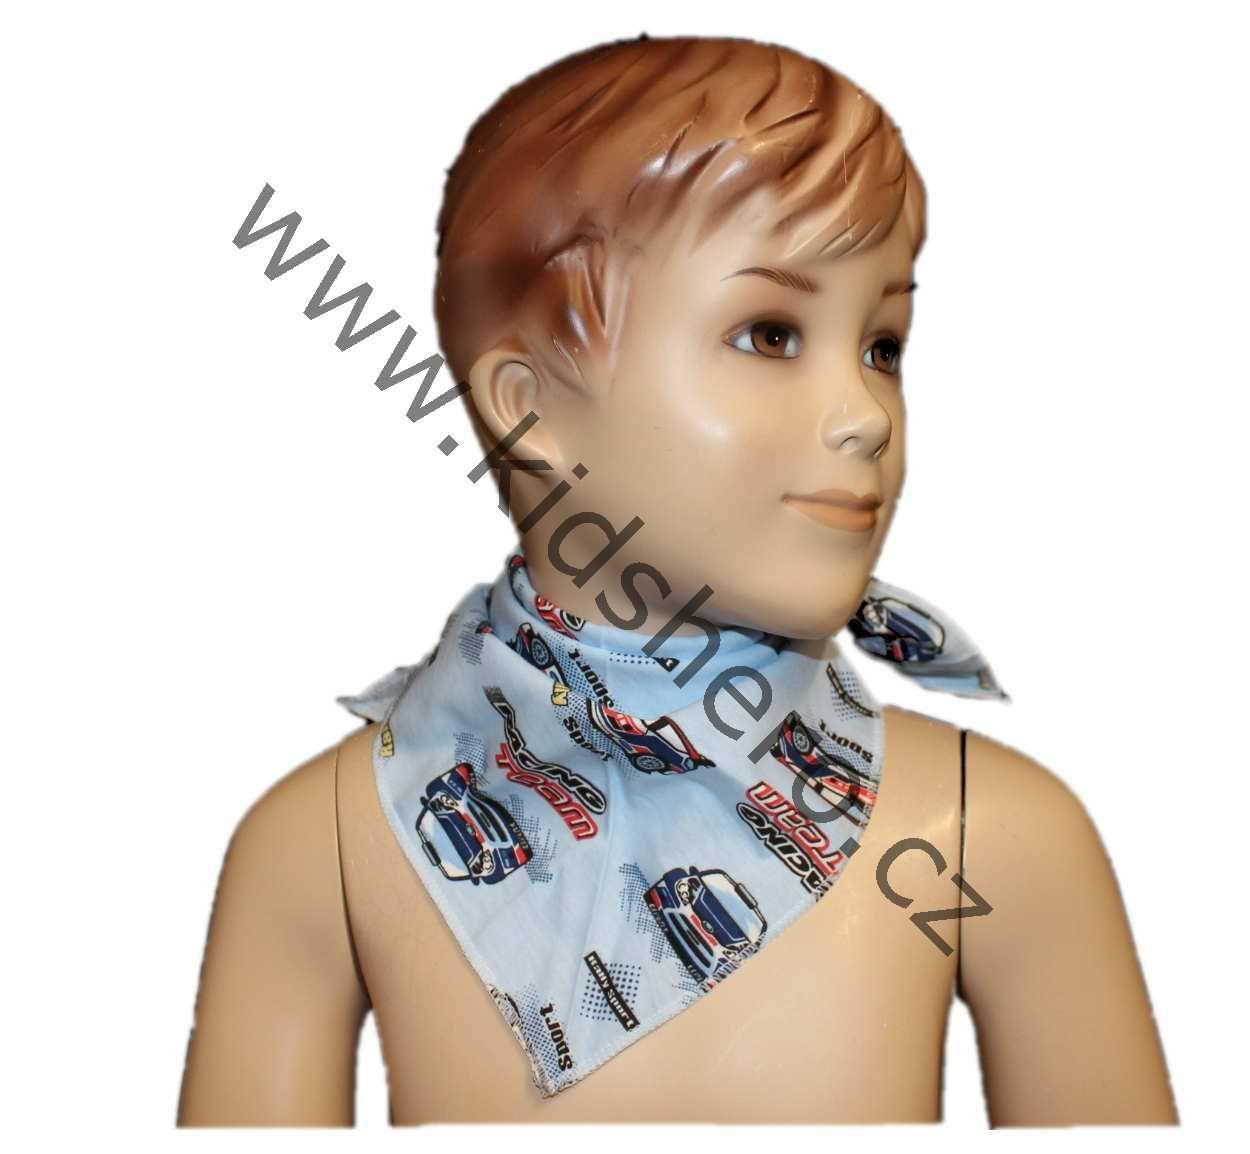 Šátek, nákrčník, dětský nákrčník, dětský šátek na krk, šátek na hlavu